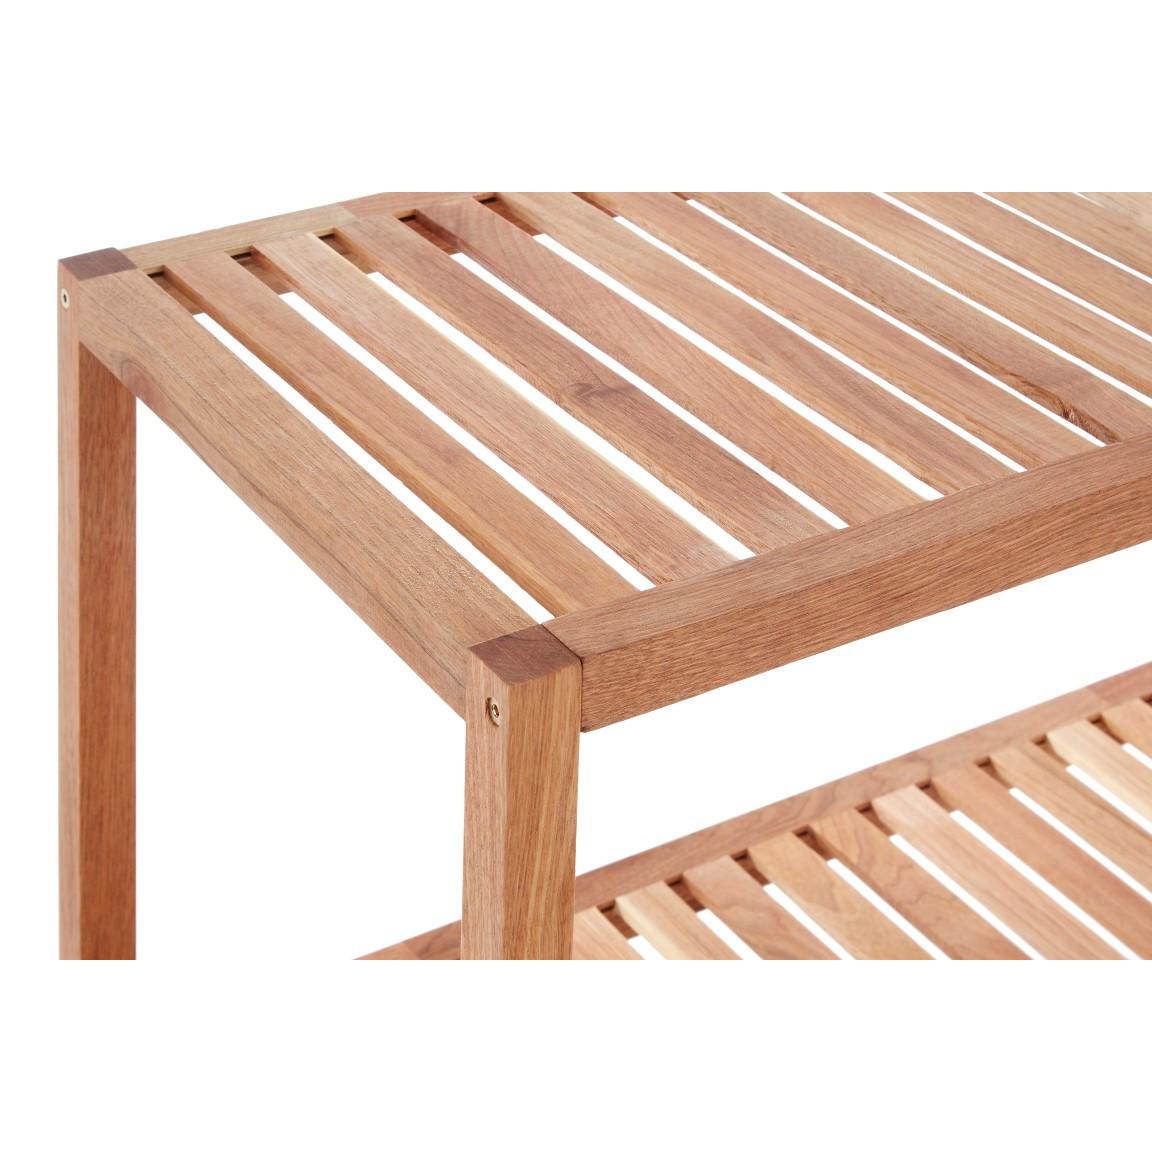 2 Tier Storage Shelf | Walnut Wood